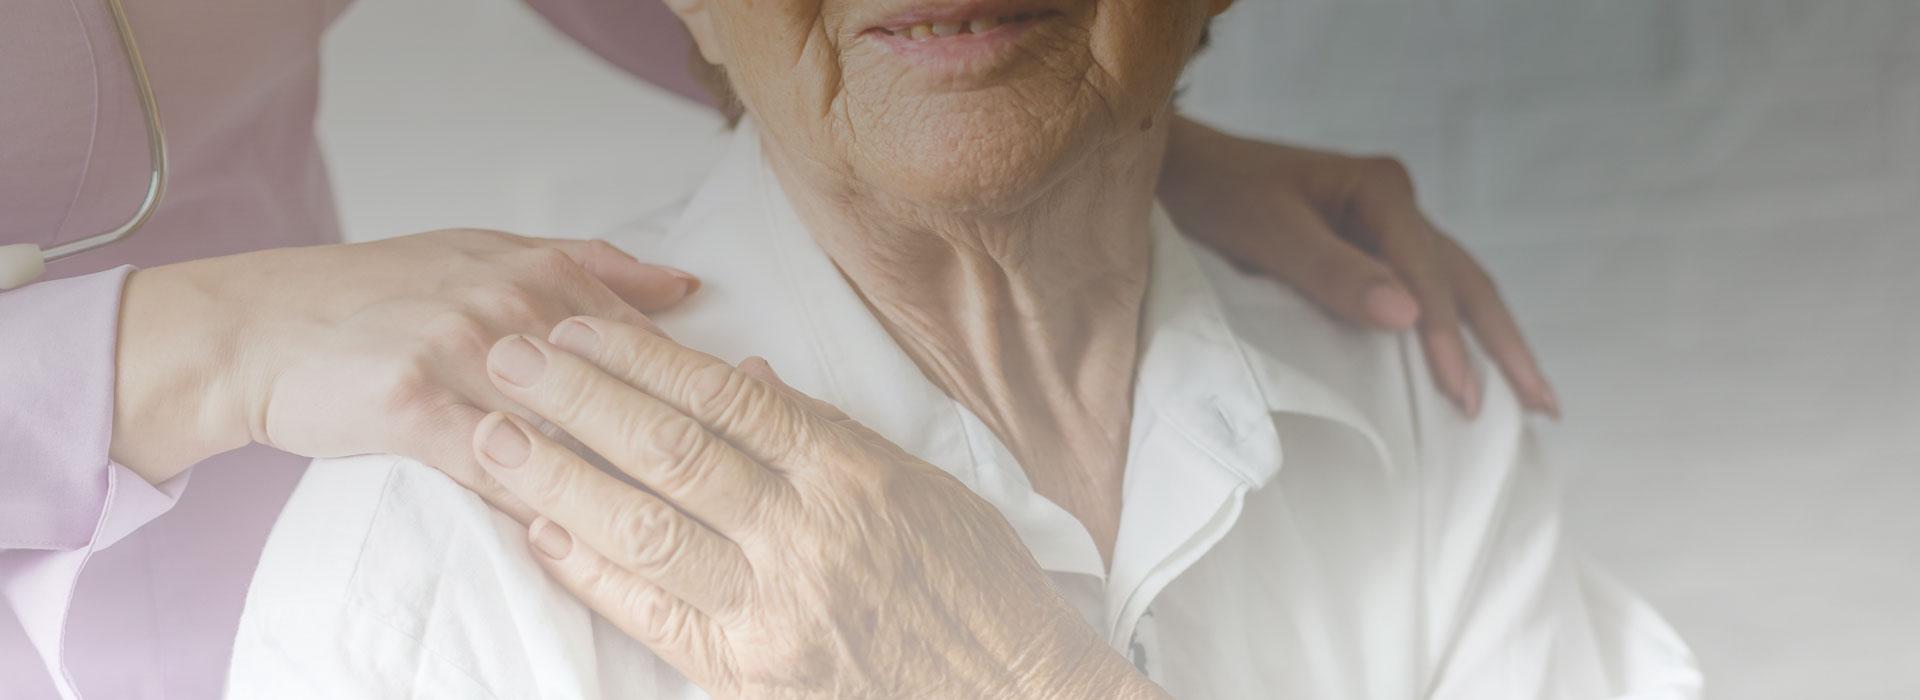 aide et conseils aux seniors